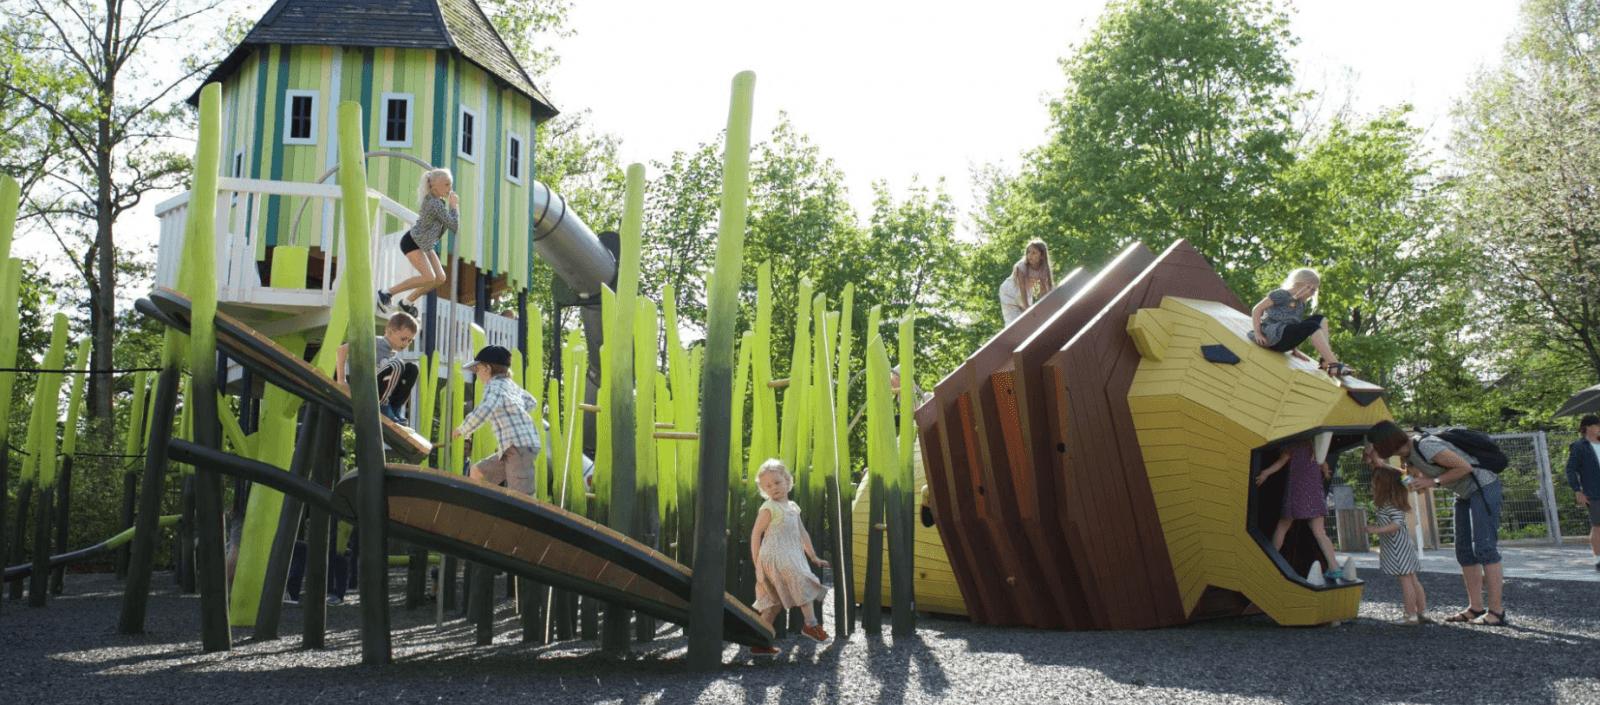 Monstrum playground in Odense, Denmark. Image ©Monstrum.